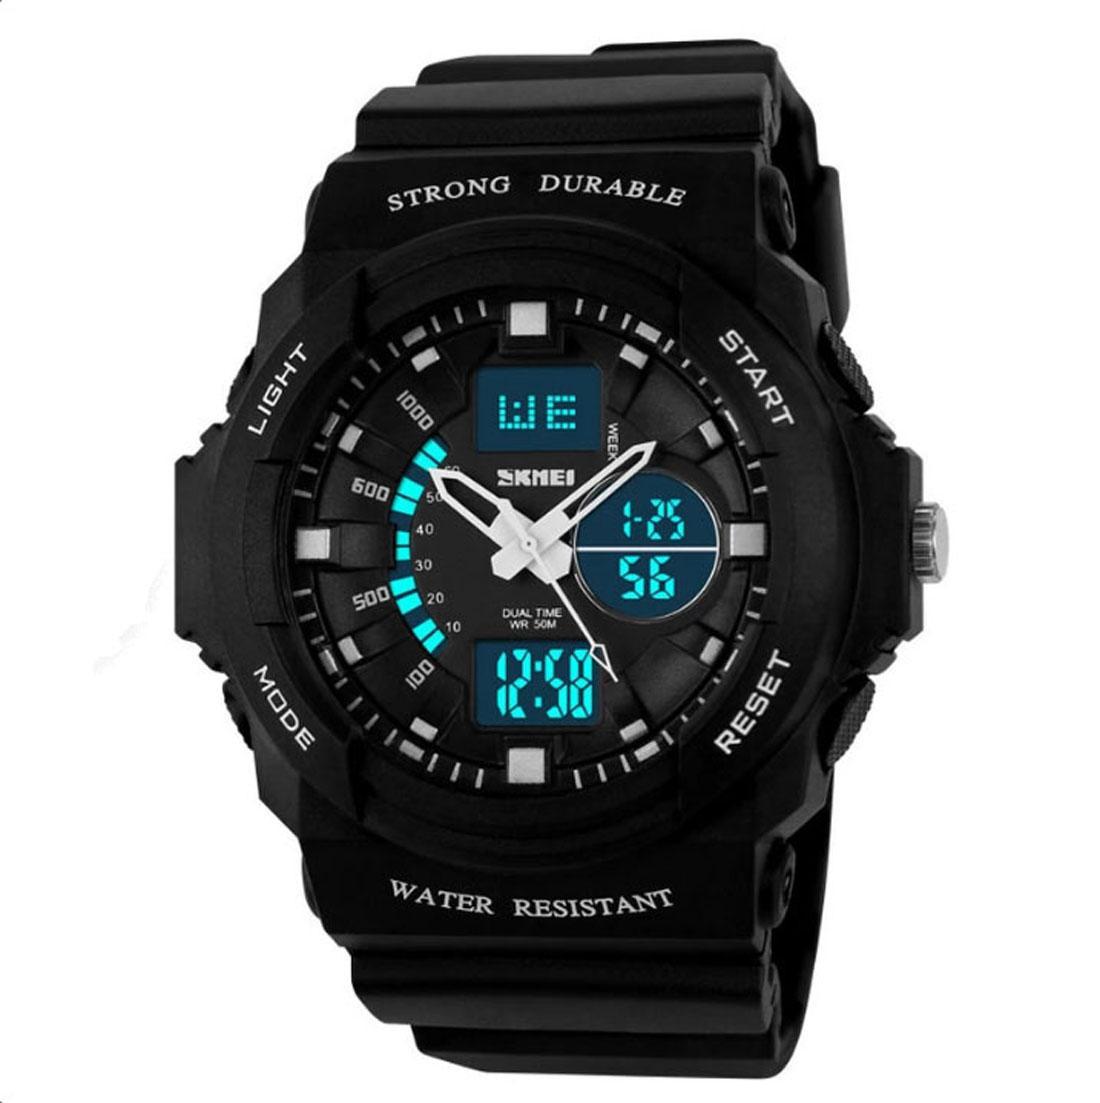 Nơi bán Đồng hồ điện tử nữ - đồng hồ thời trang thể thao nữ skmei 0955 - đen trắng